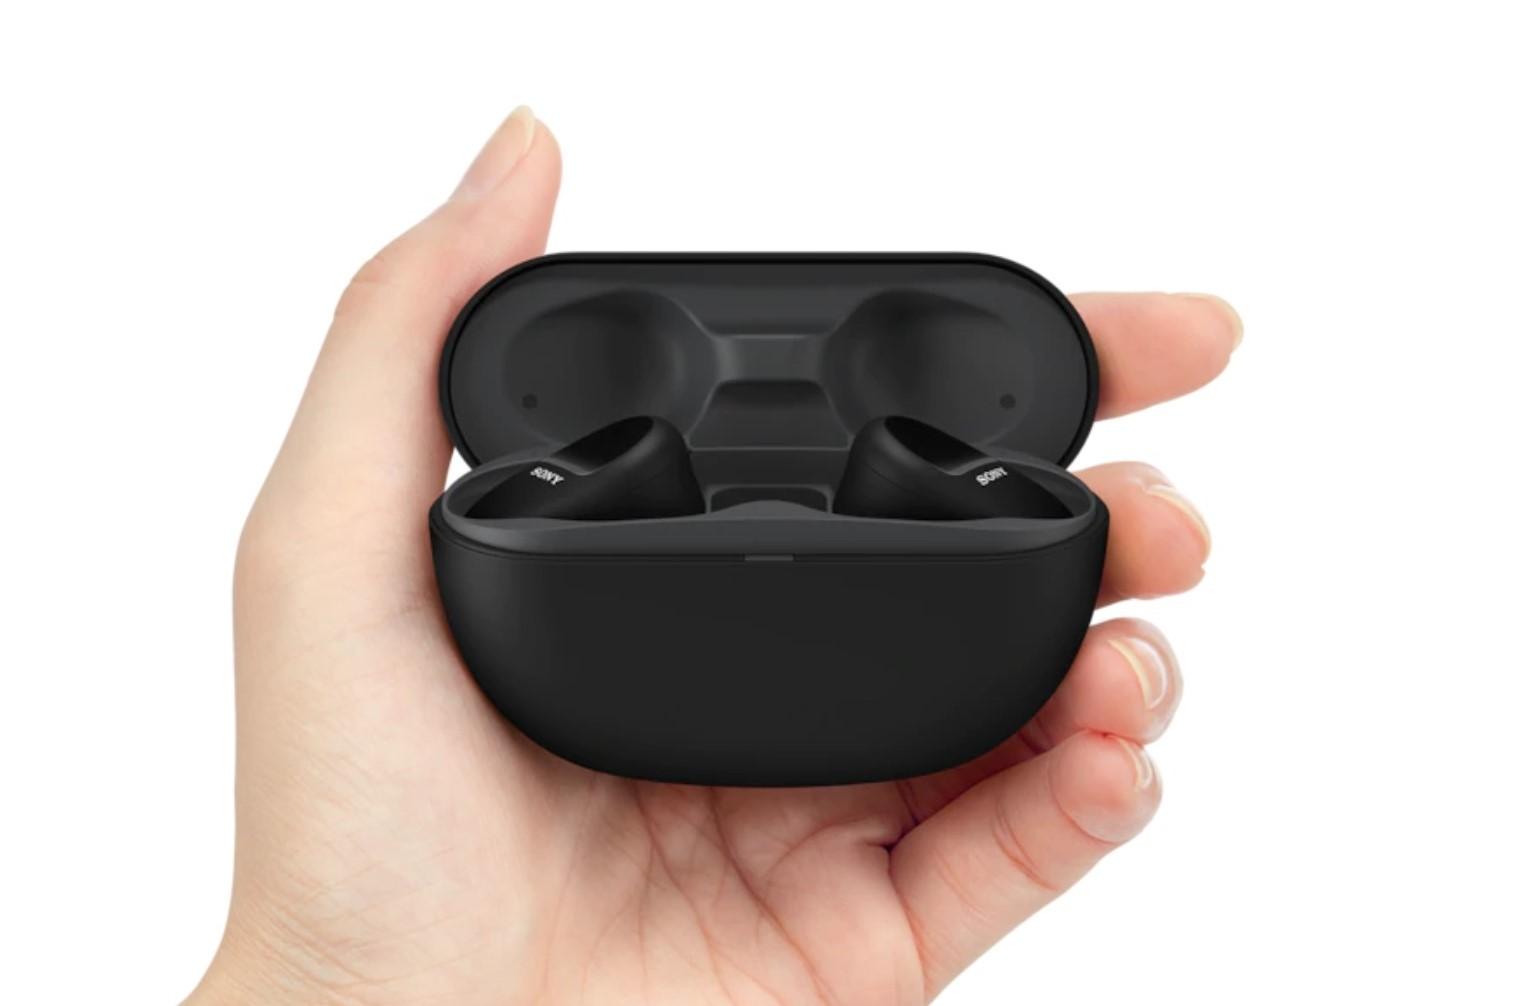 Nowe słuchawki TWS dla sportowców od Sony. To samo, świetne ANC i odporność na zachlapania 23